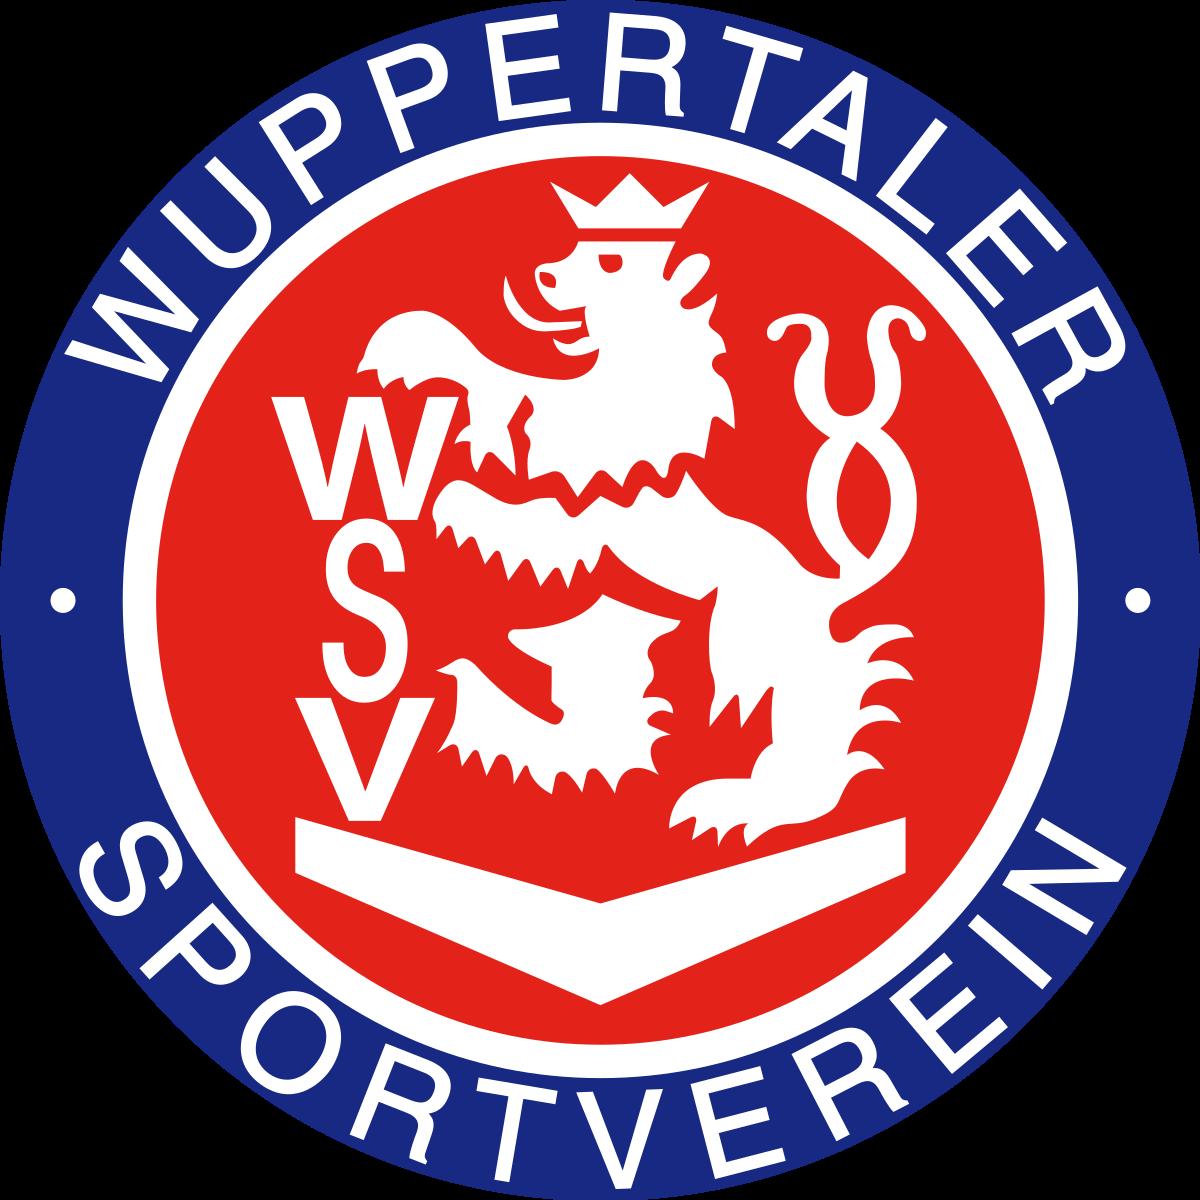 Herb Wuppertaler SV